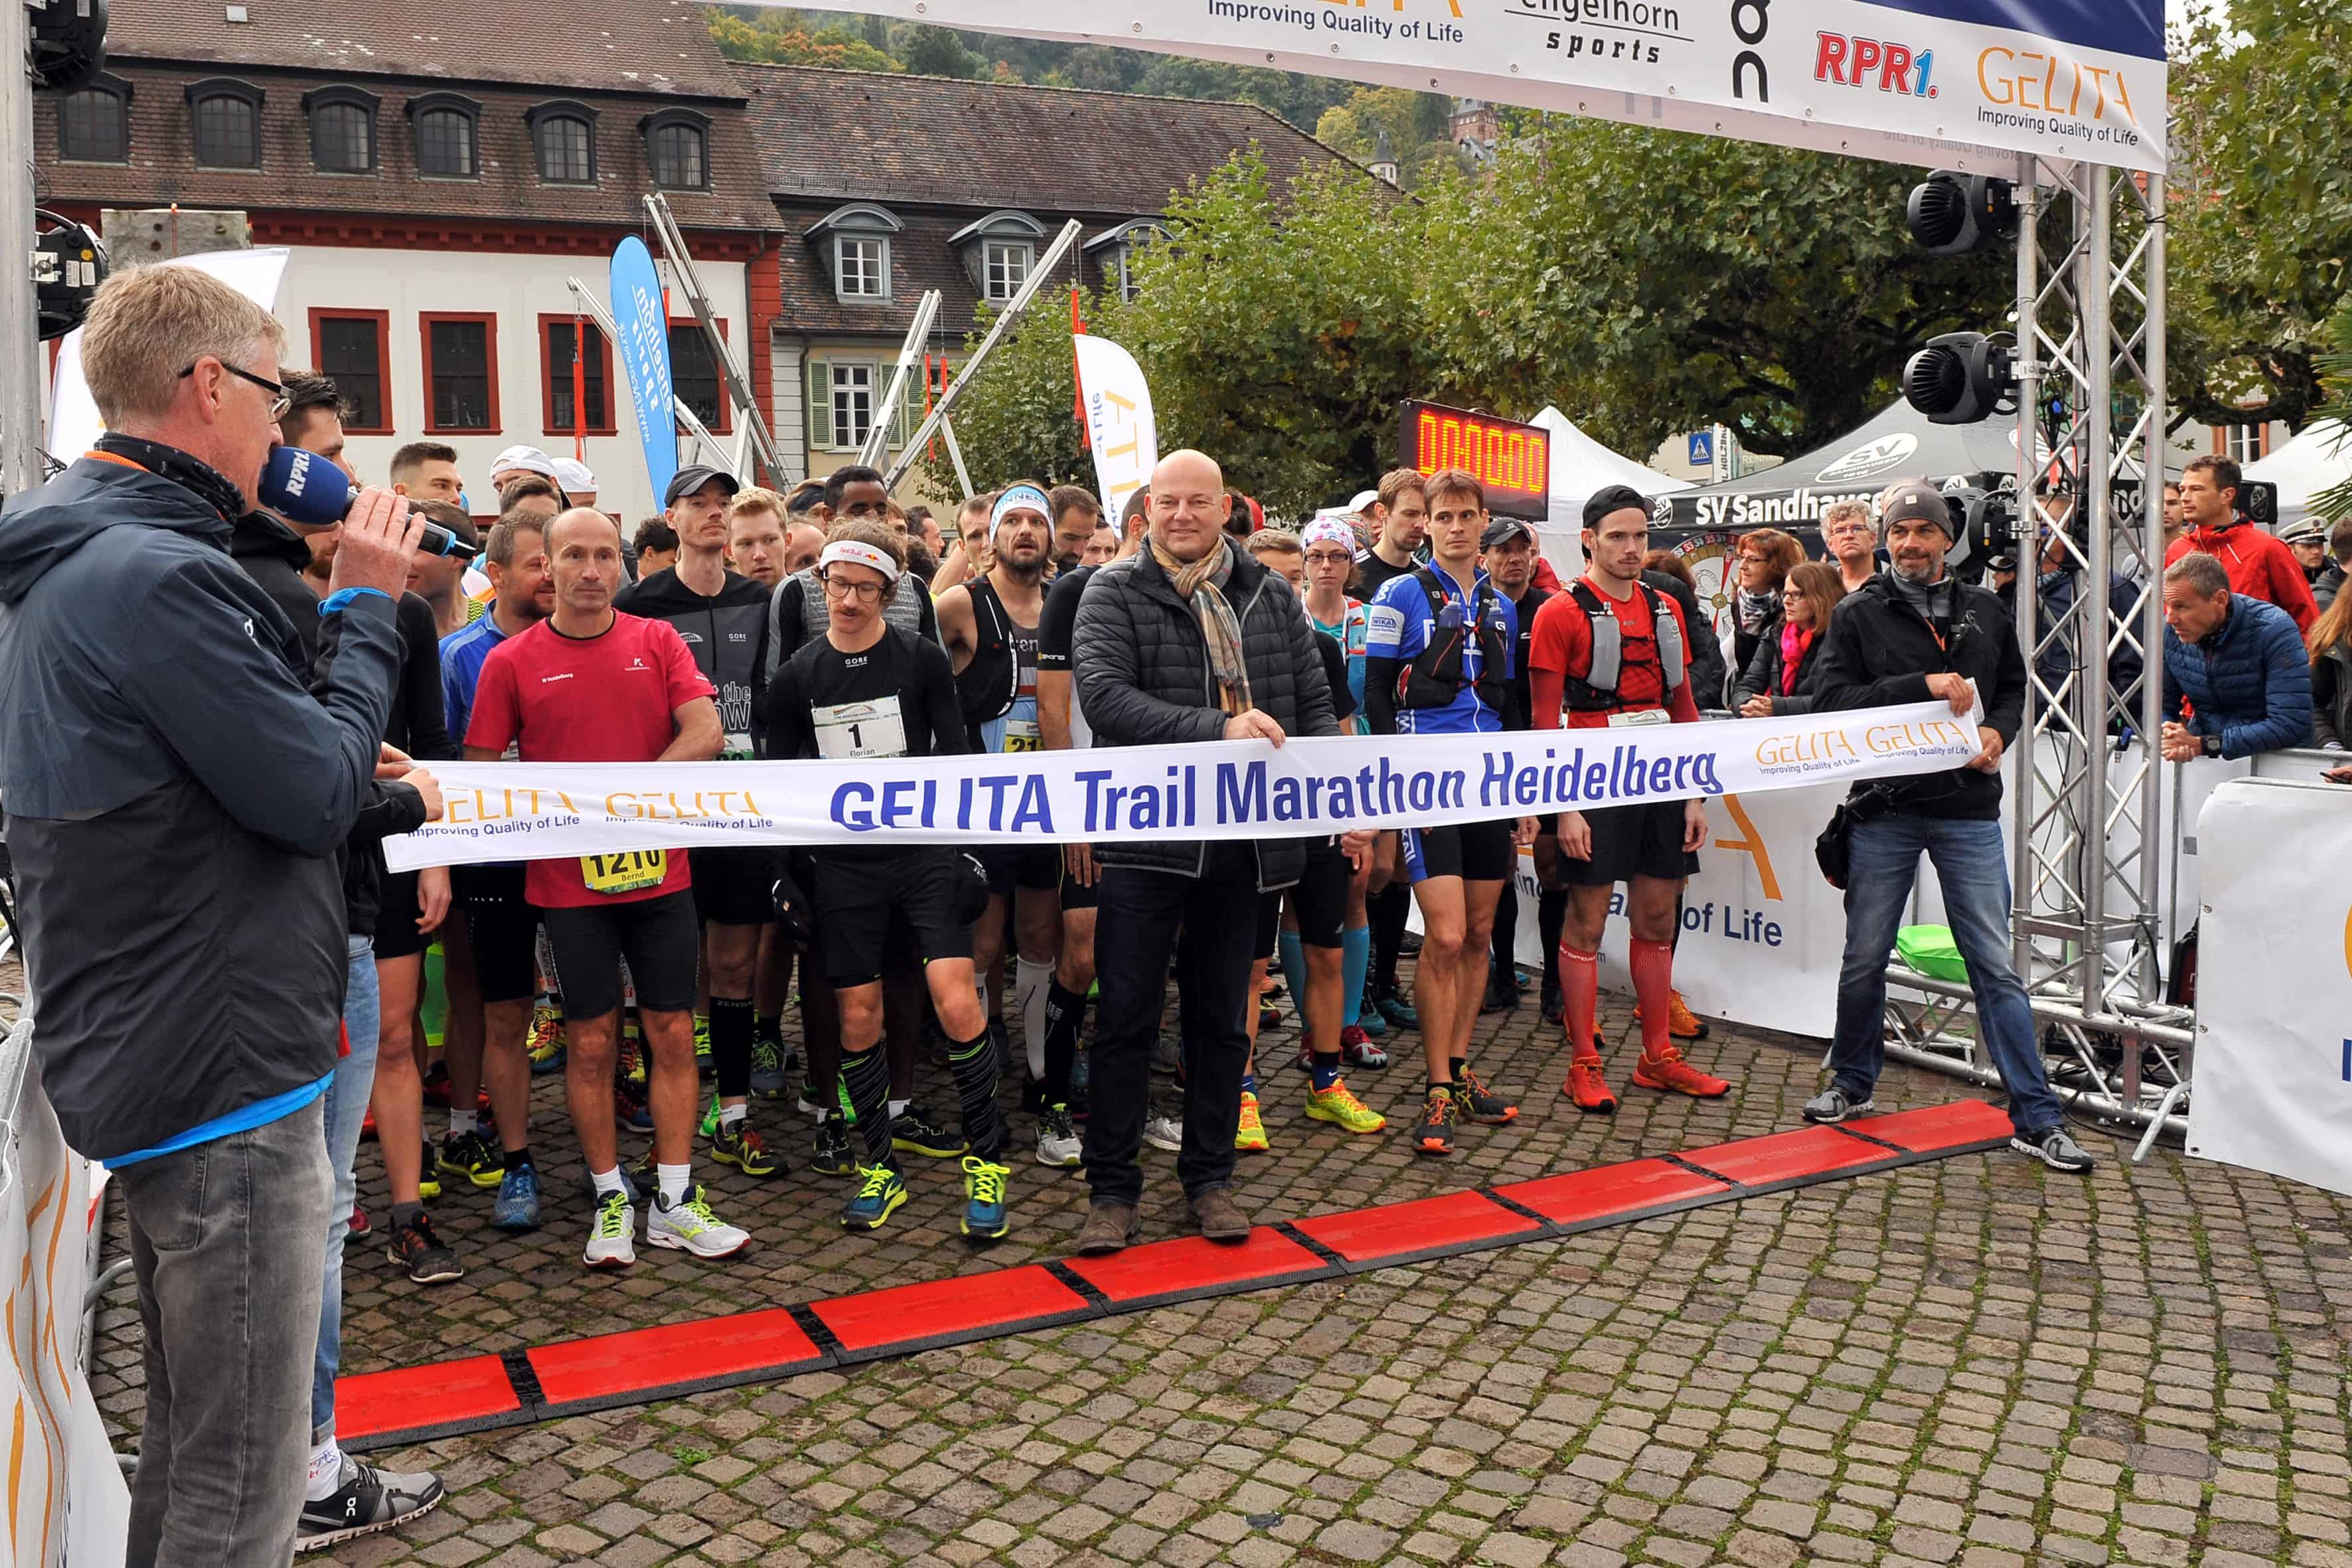 Gelita Trail Marathon